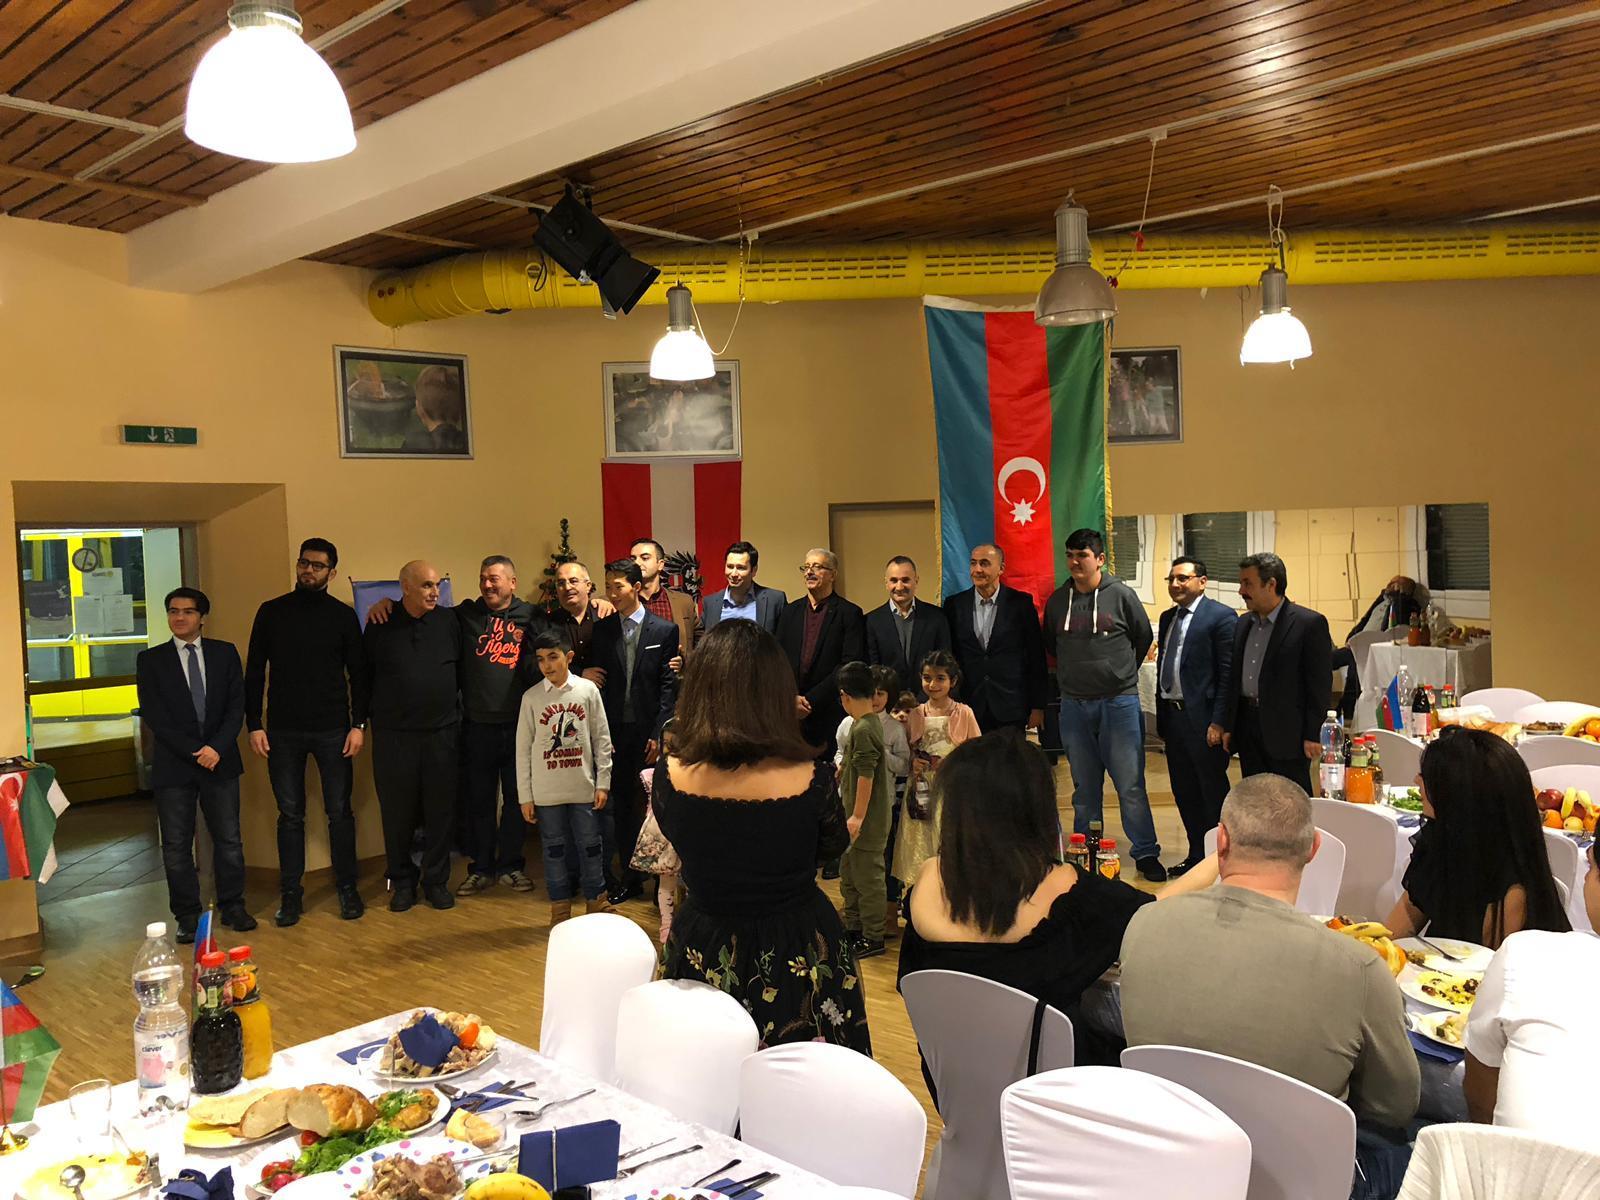 Avstriyada Dünya Azərbaycanlılarının Həmrəylik günü qeyd edilib (FOTO) - Gallery Image